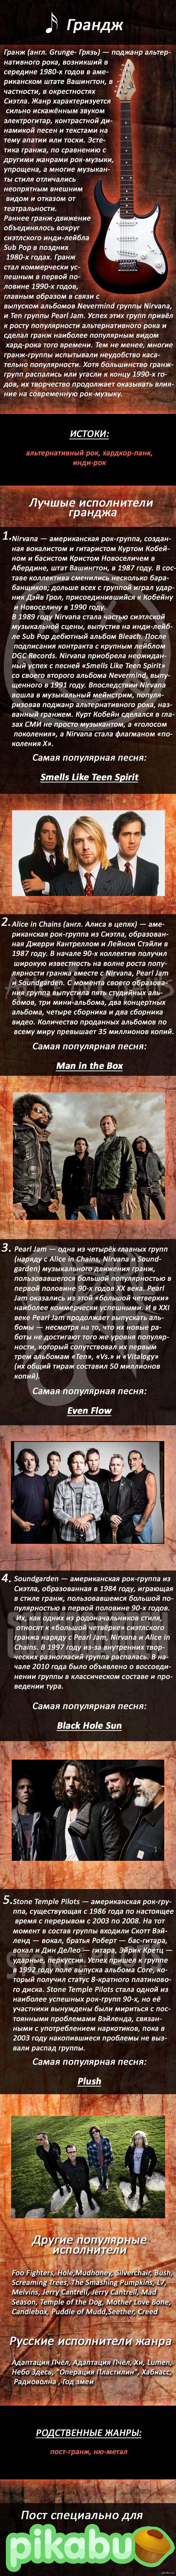 Гранж  (Жанры рок и метал музыки) Продолжение описаний жанров рок музыки. На этот раз - Гранж. Рейтинг исполнителей - мой; Рейтинг песен - Last.FM. =)